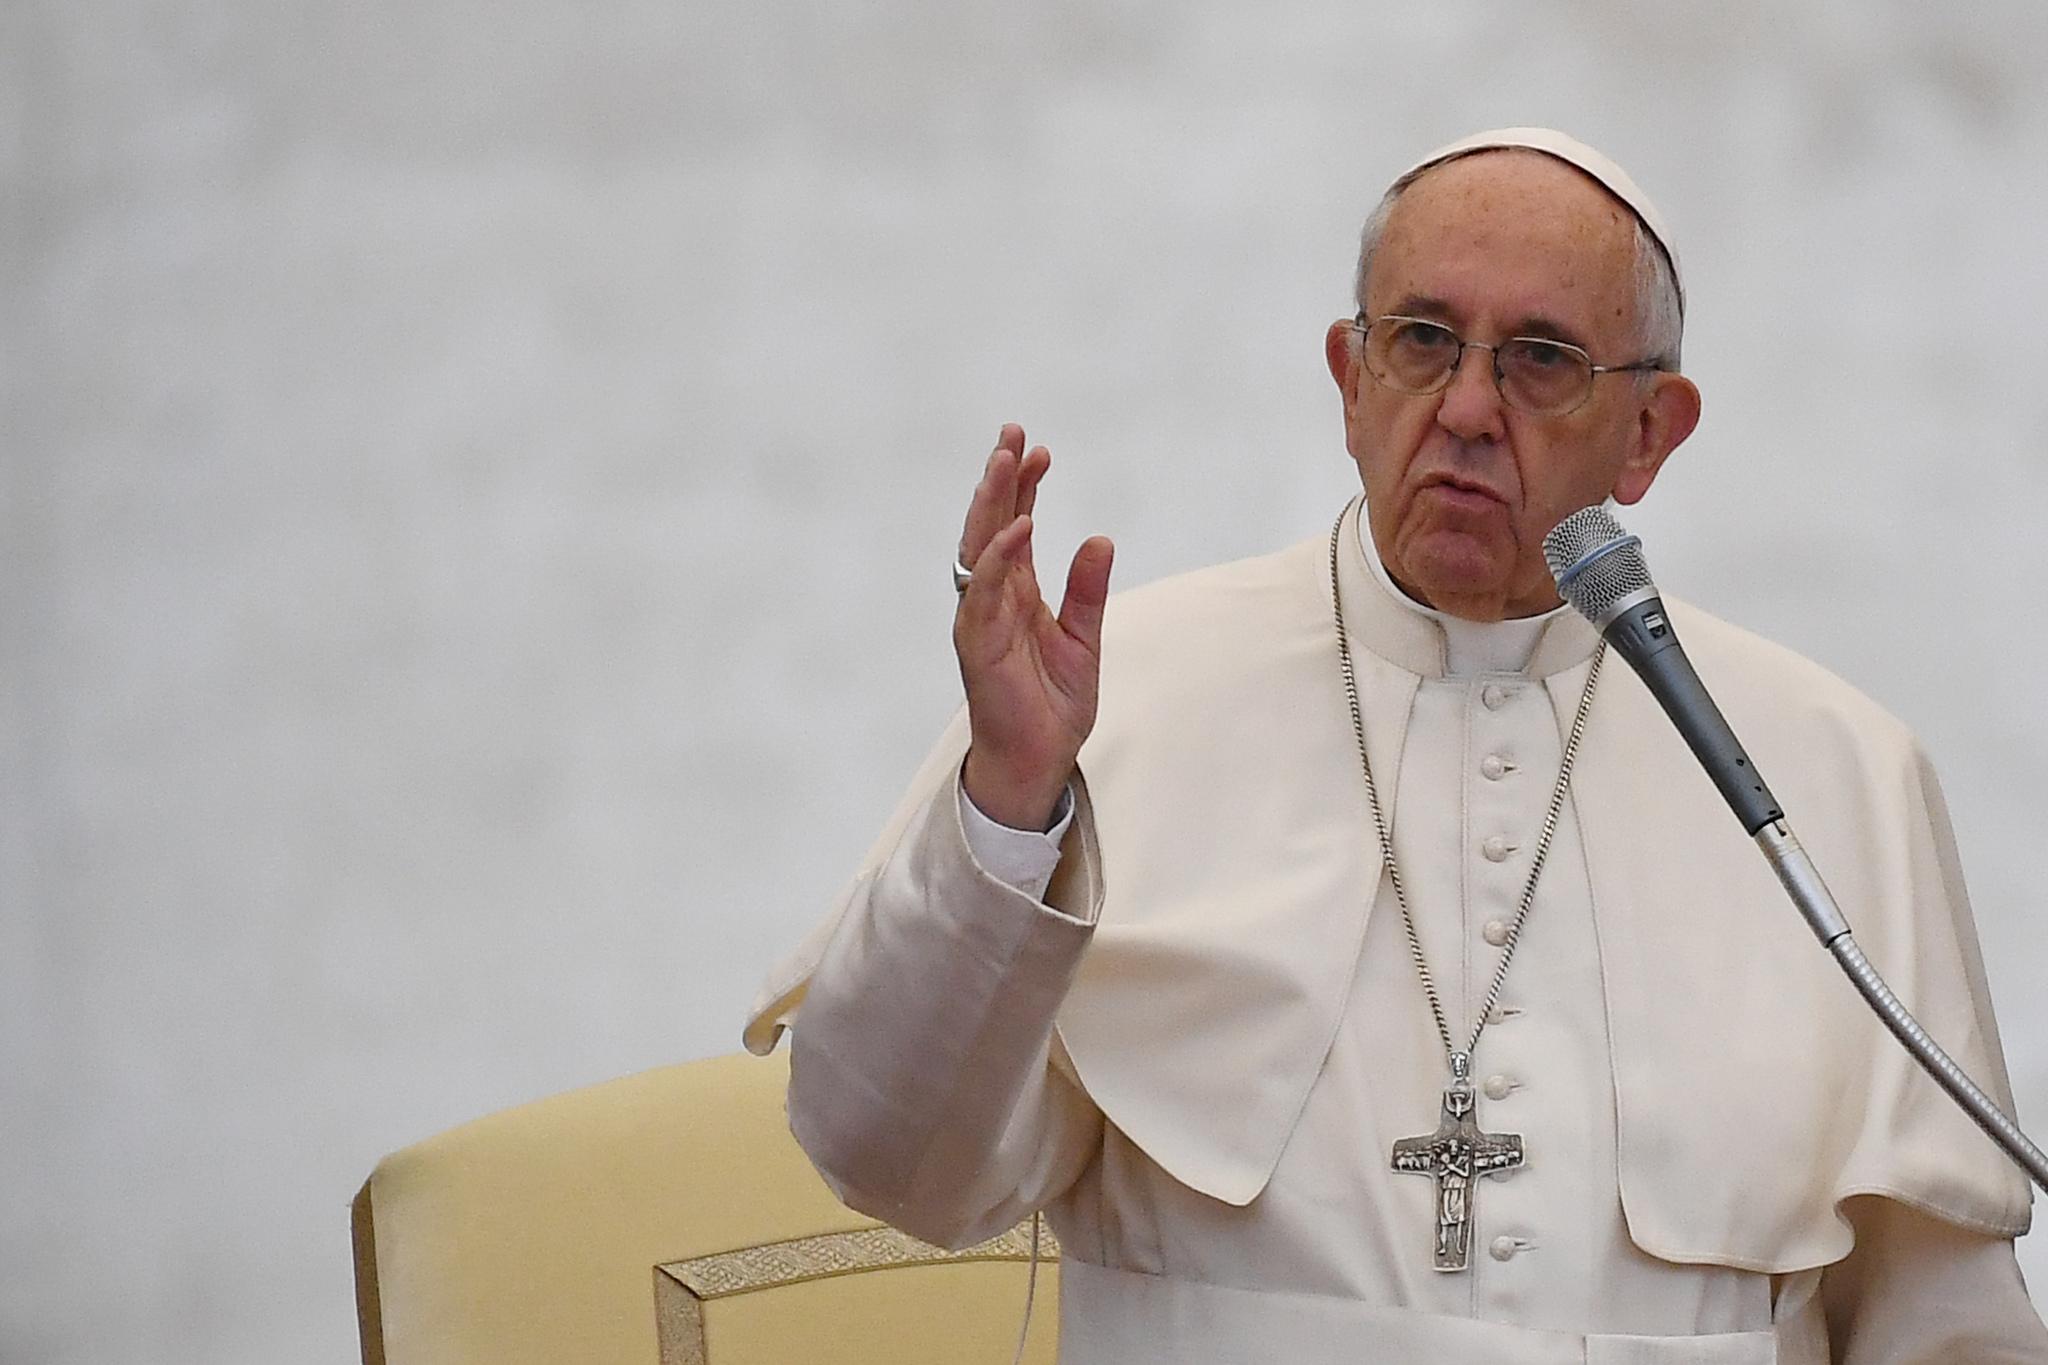 Le Pape demande aux Géants du Web de protéger les mineurs contre la pornographie et la cyberintimidation